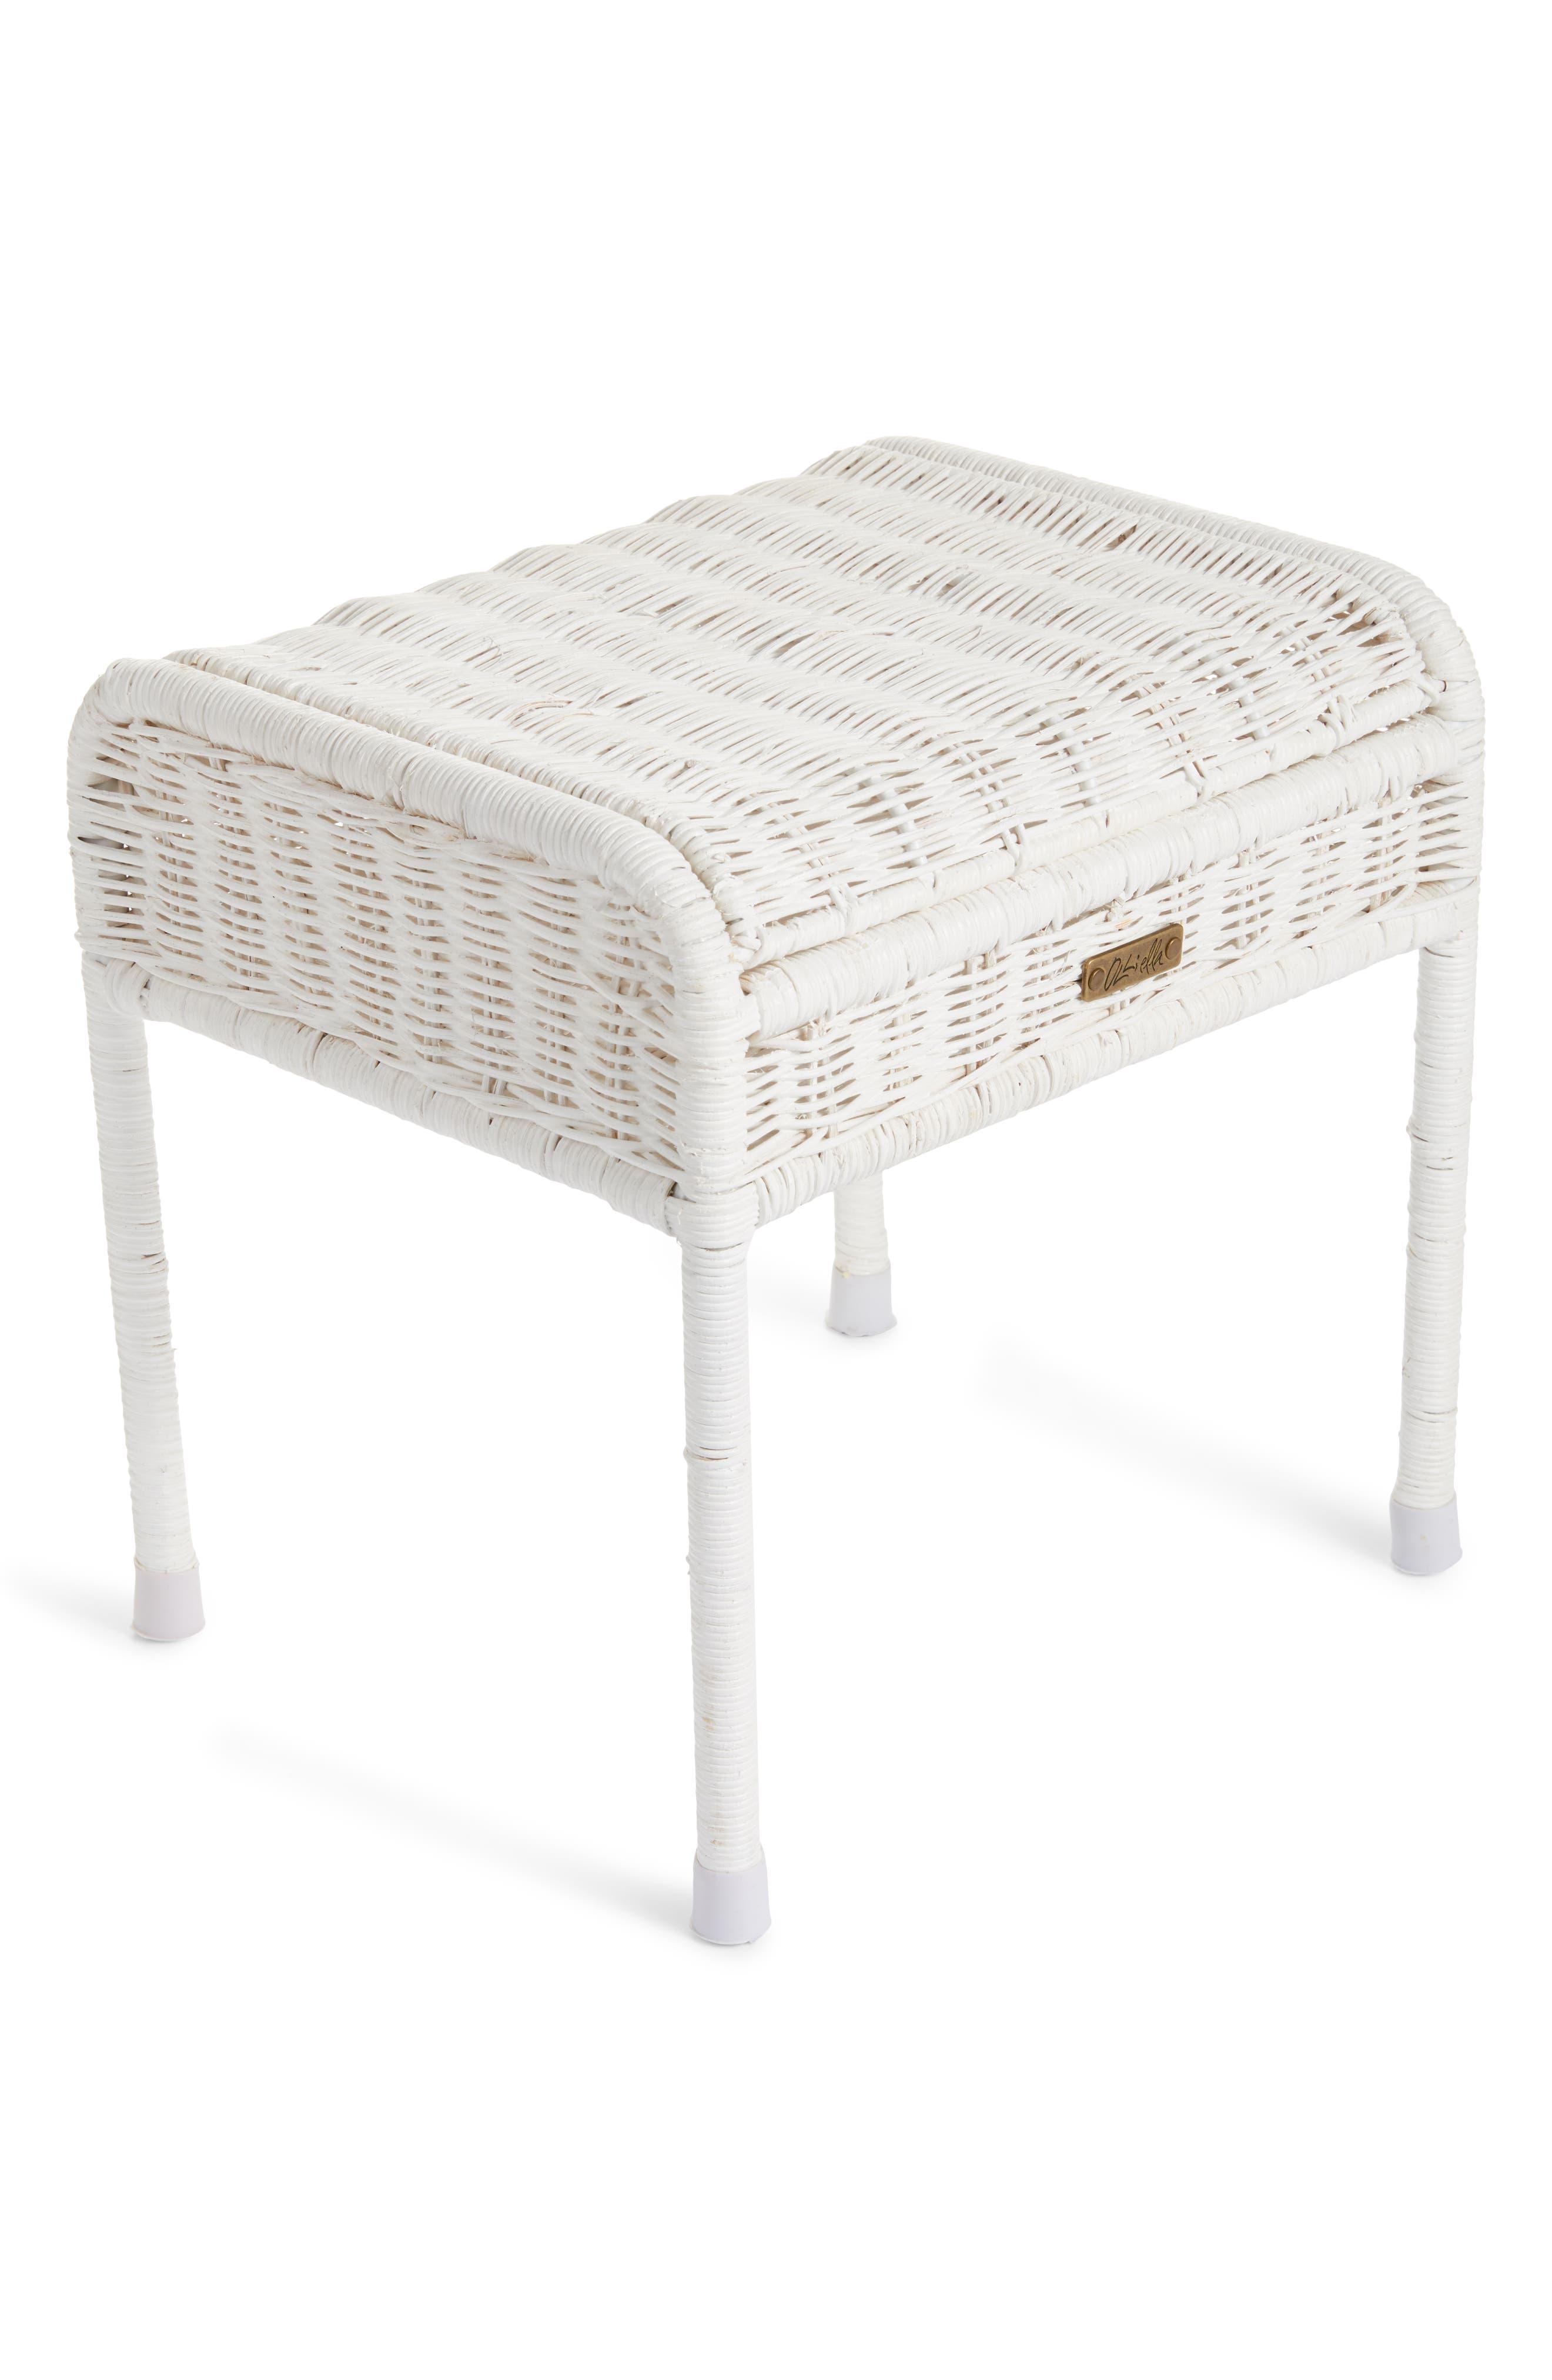 Olli Ella Storie Stool Rattan Storage Seat Size One Size  White